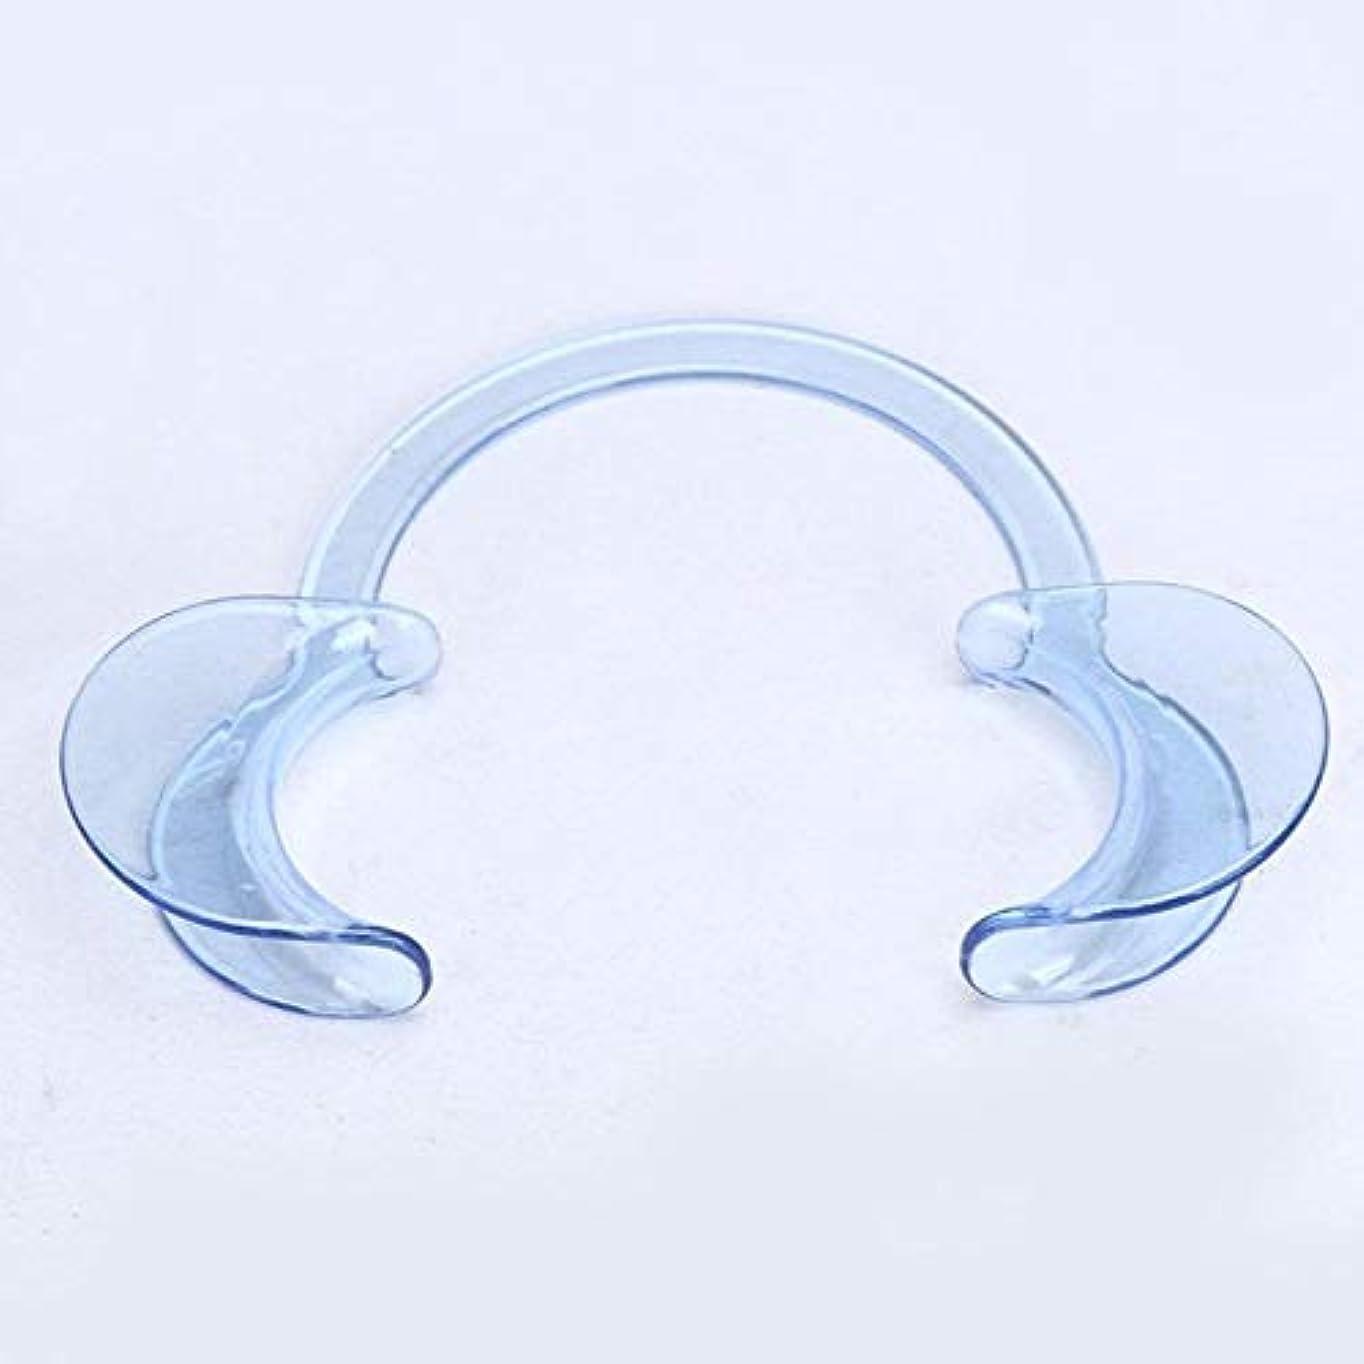 広げる寛容なすぐにDC パック 歯科 C型 開口器 口オープナー マウスオープナー 開口マウスオープナー C型ホワイトニング口の開創器